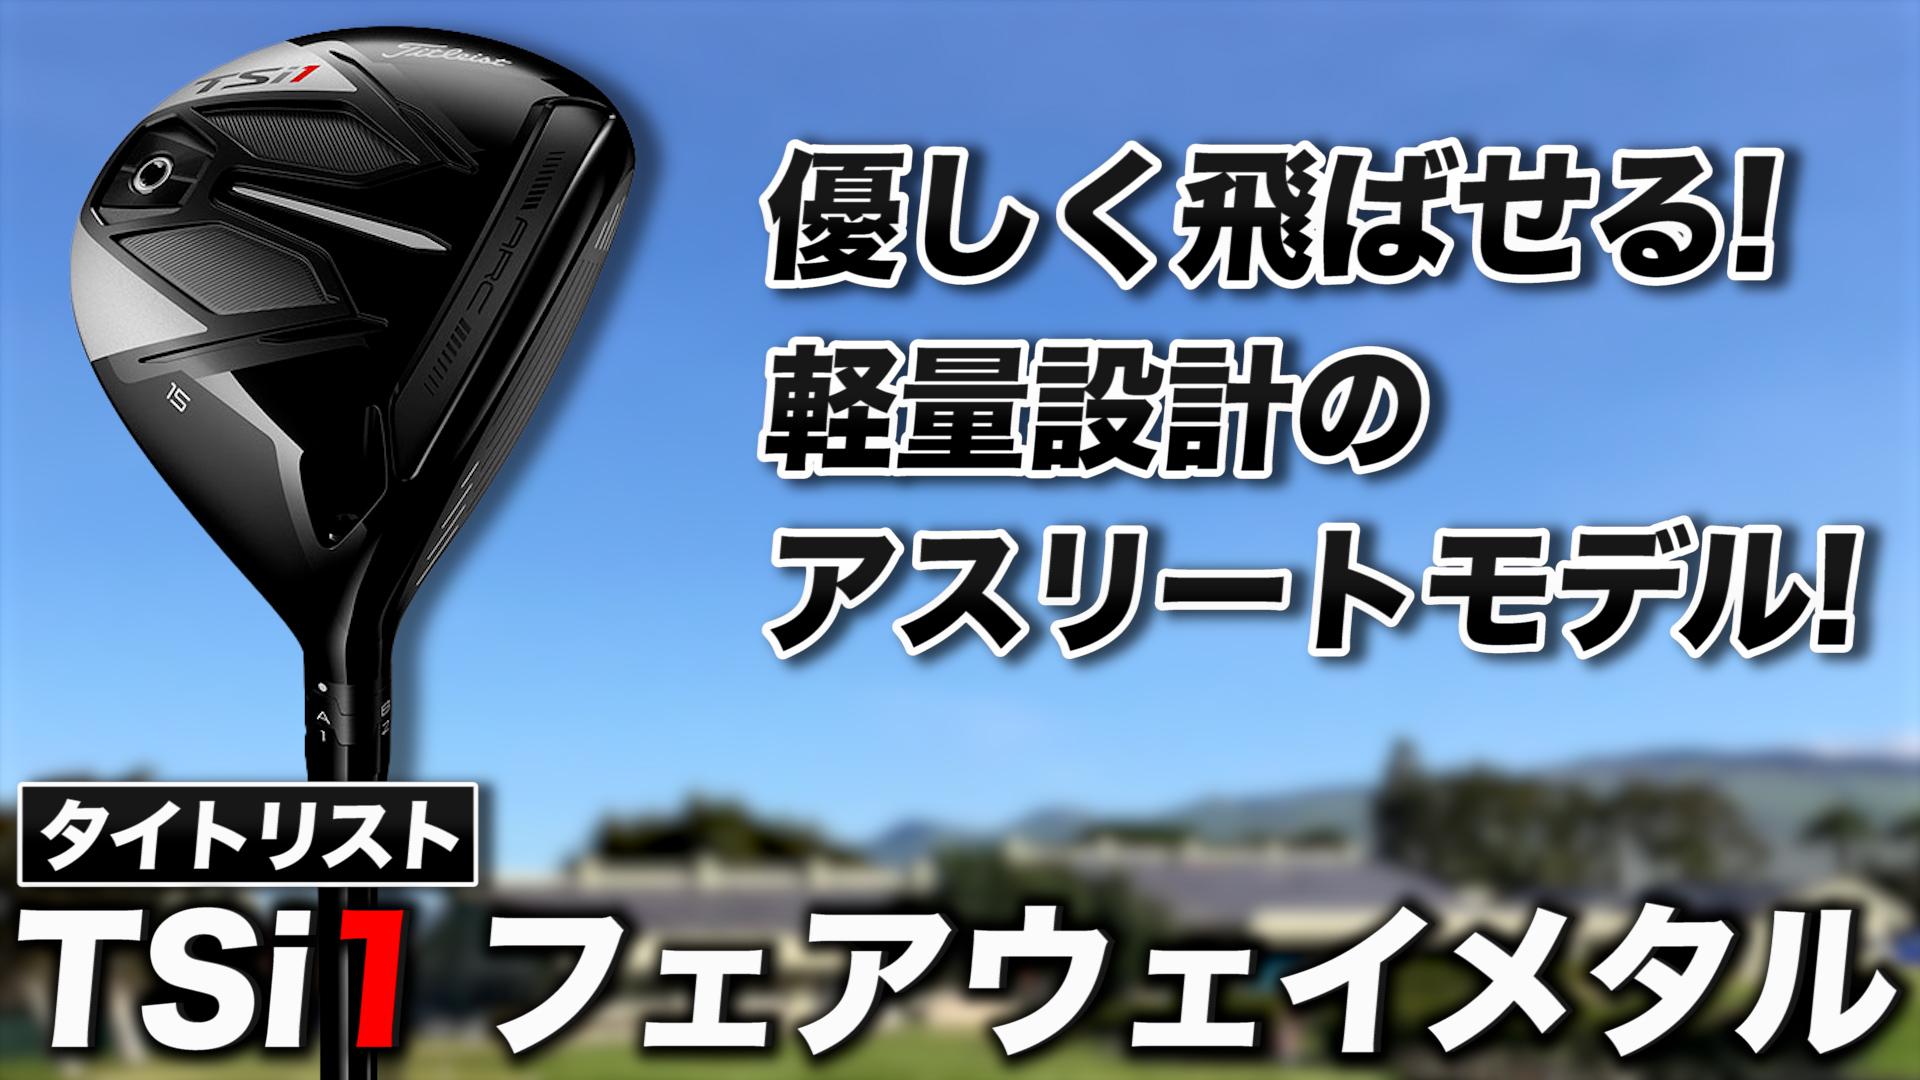 タイトリスト「TSi1 フェアウェイメタル」【レビュー企画】